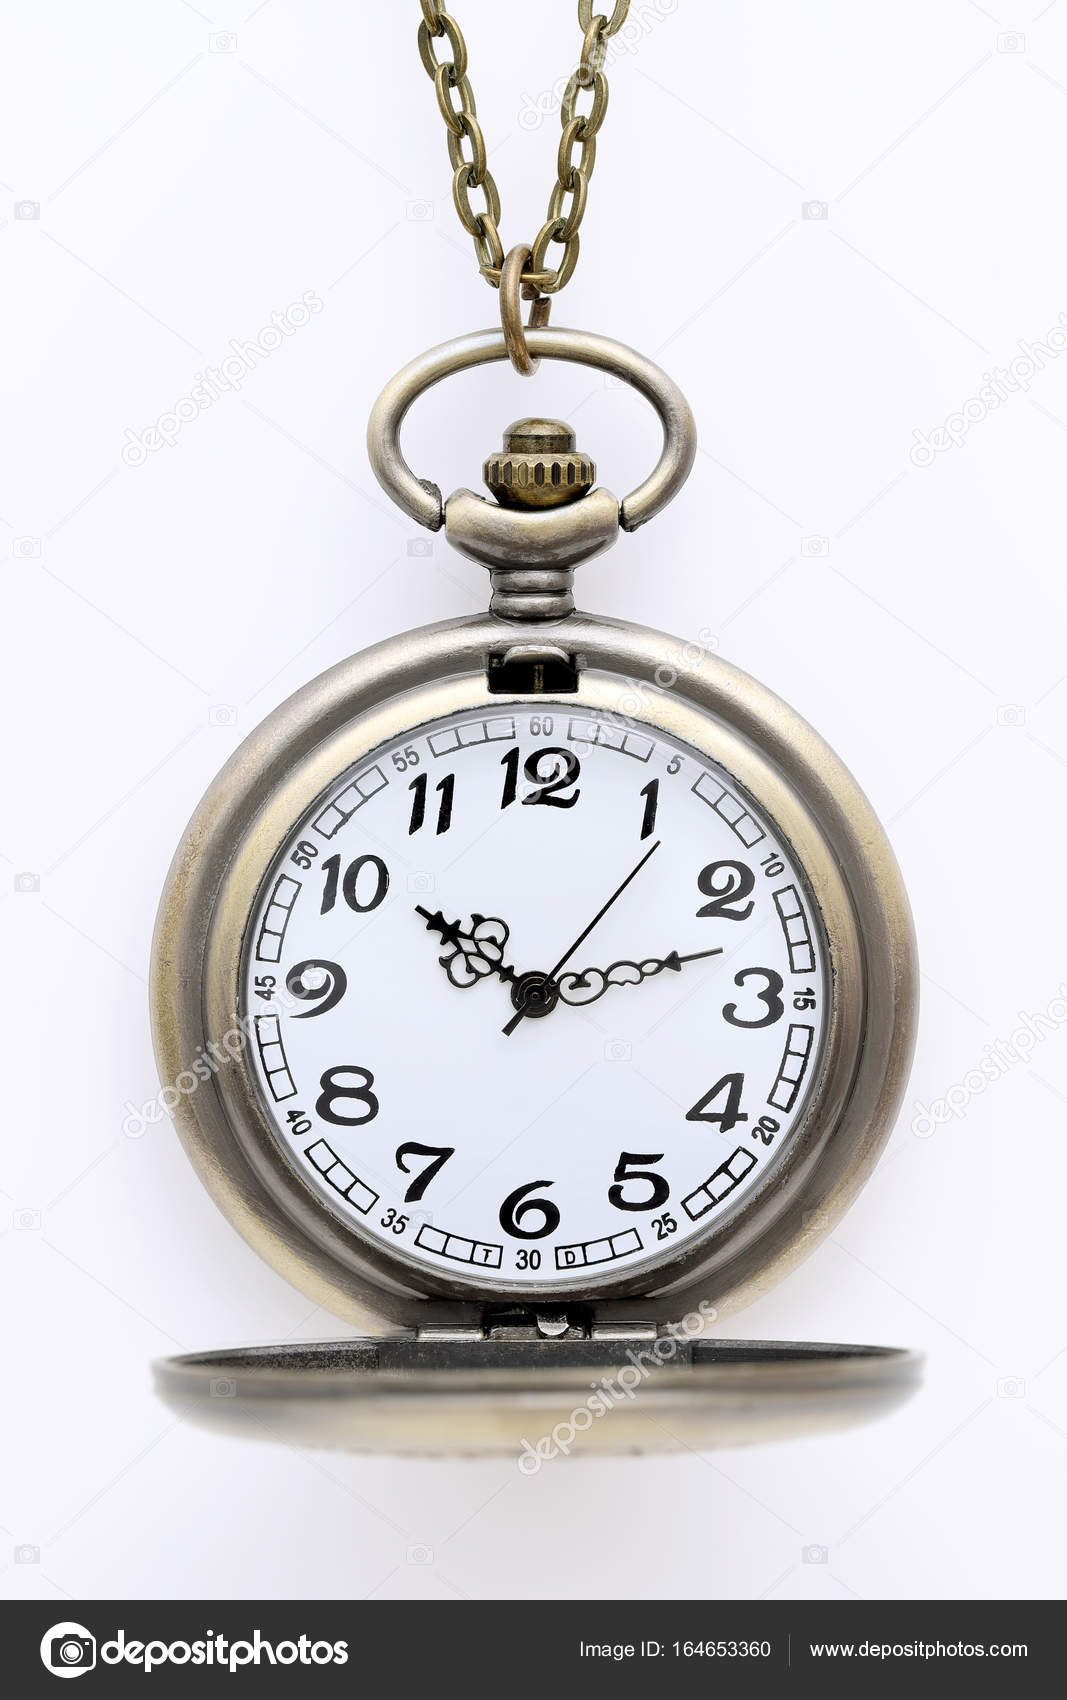 παλιό ρολόι τσέπης με αλυσίδα — Φωτογραφία Αρχείου © akiyoko74 ... c9eca872cfa